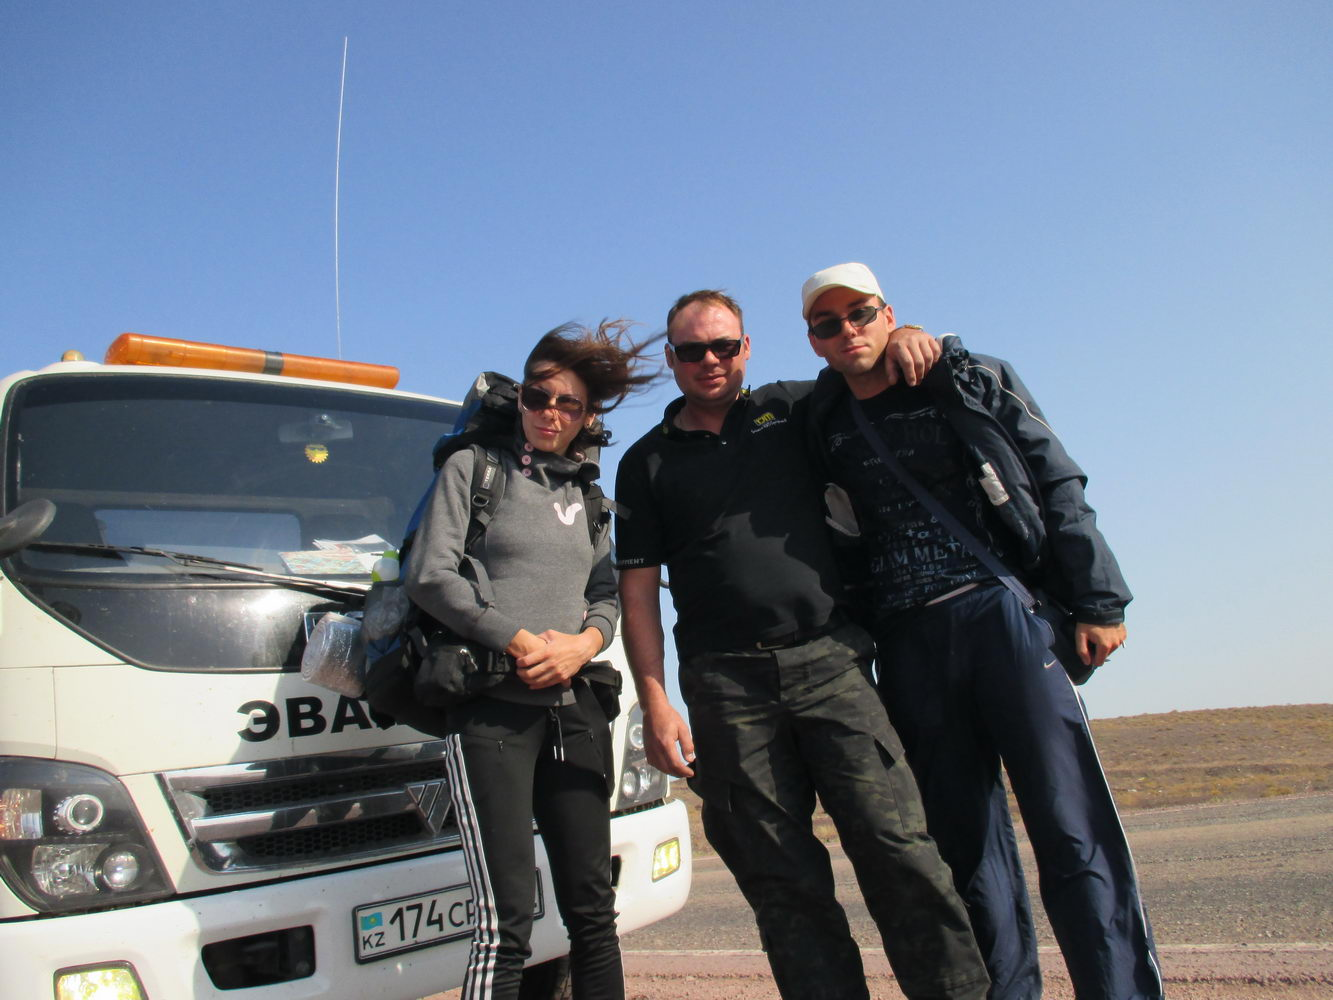 стас. автостоп на эвакуаторе по дороге на балхаш. казахстан